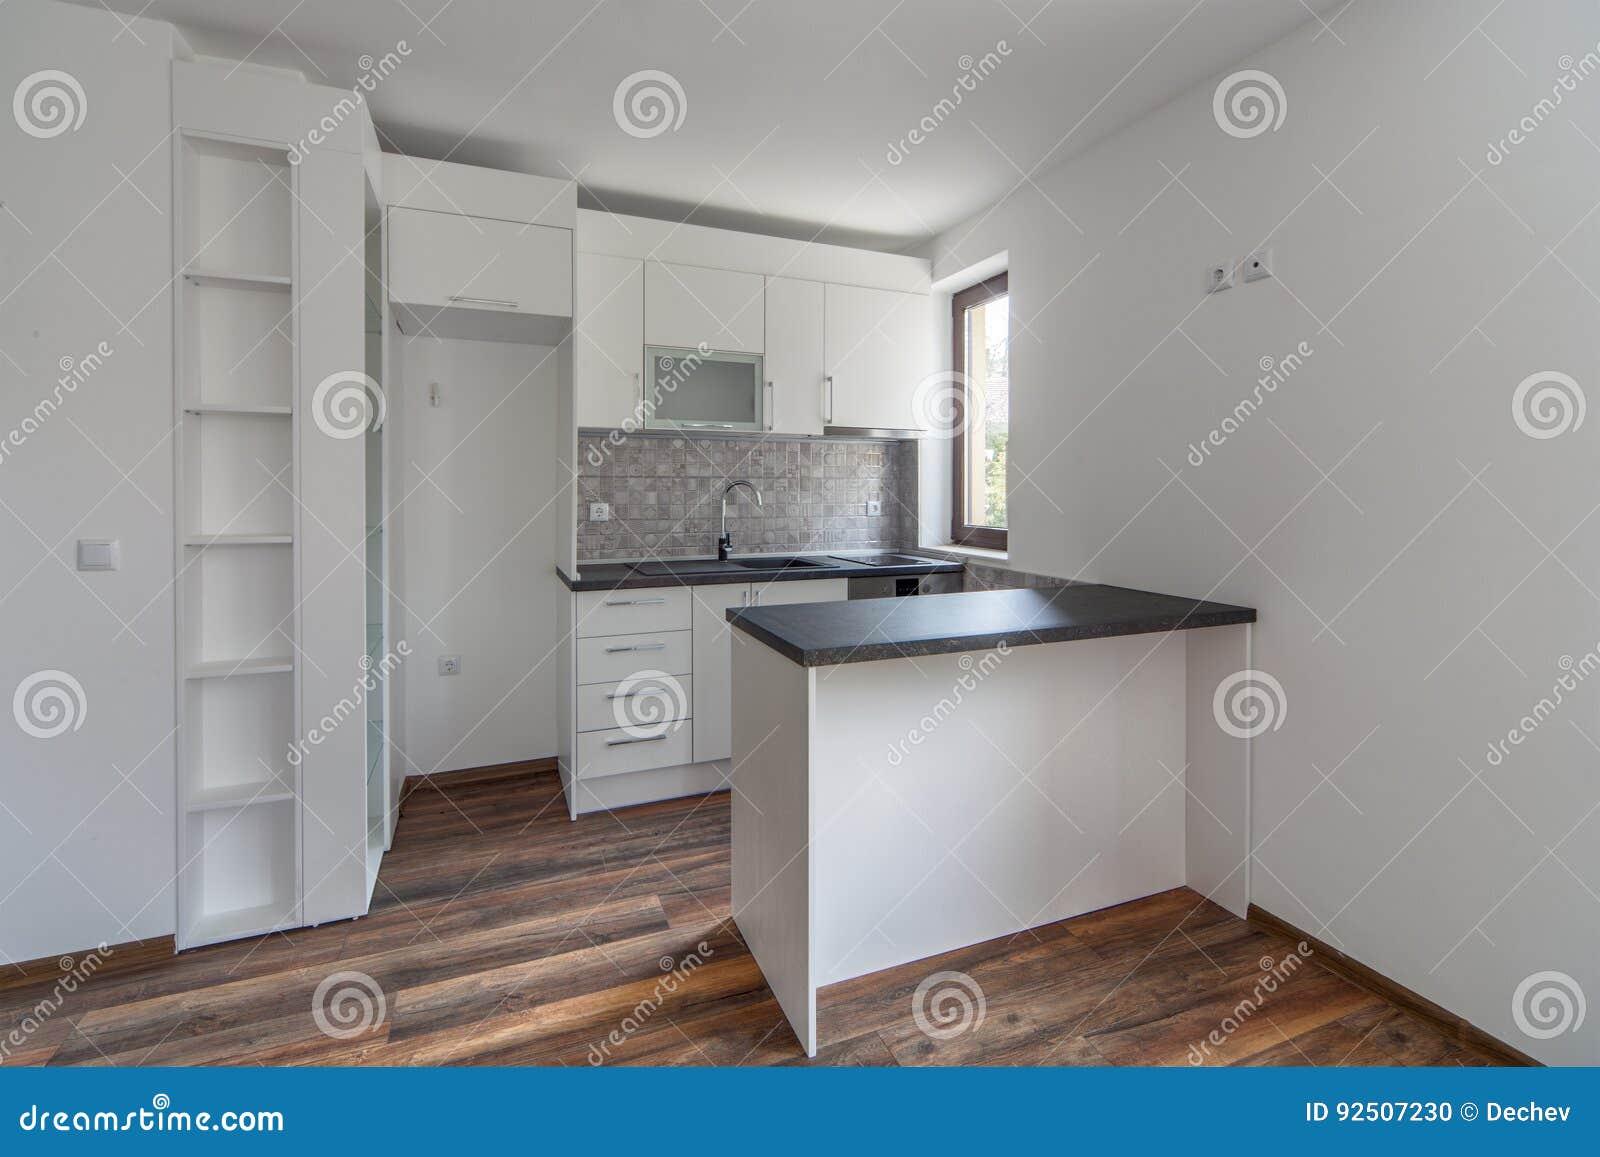 Nieuwe Houten Vloer : Nieuwe moderne en lege witte keuken nieuw huis binnenlandse